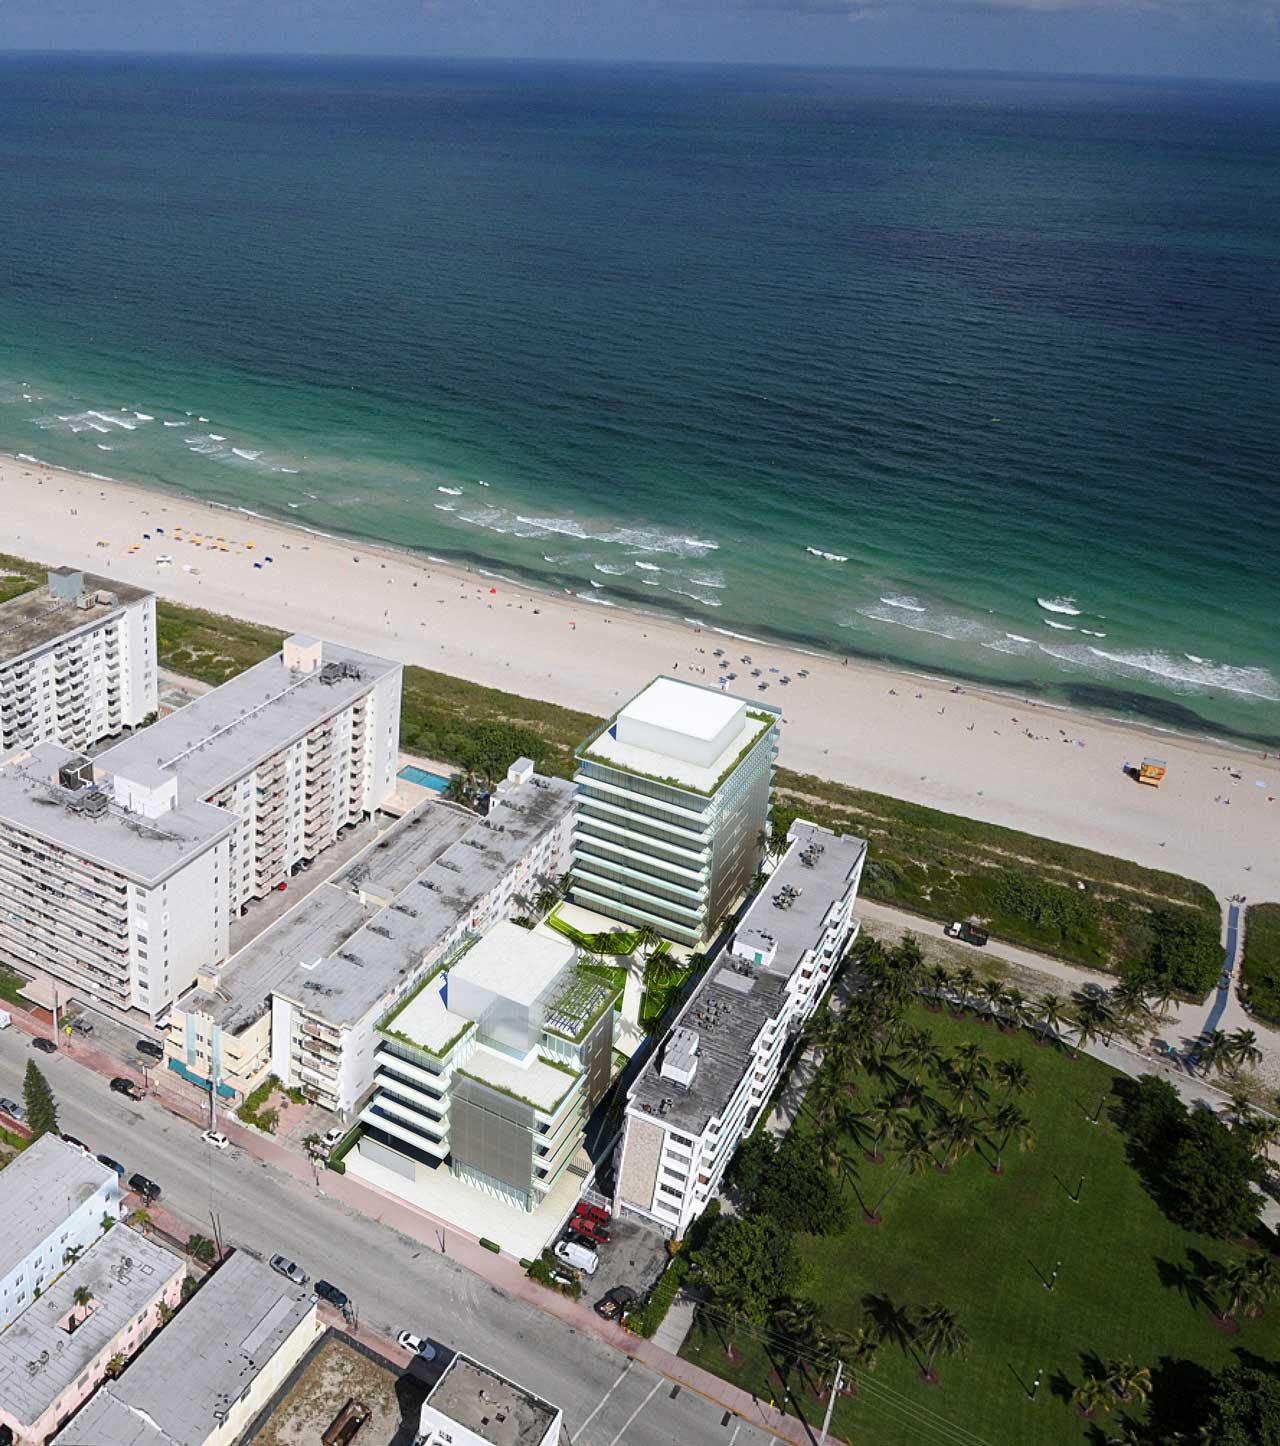 321 Ocean - Miami, USA